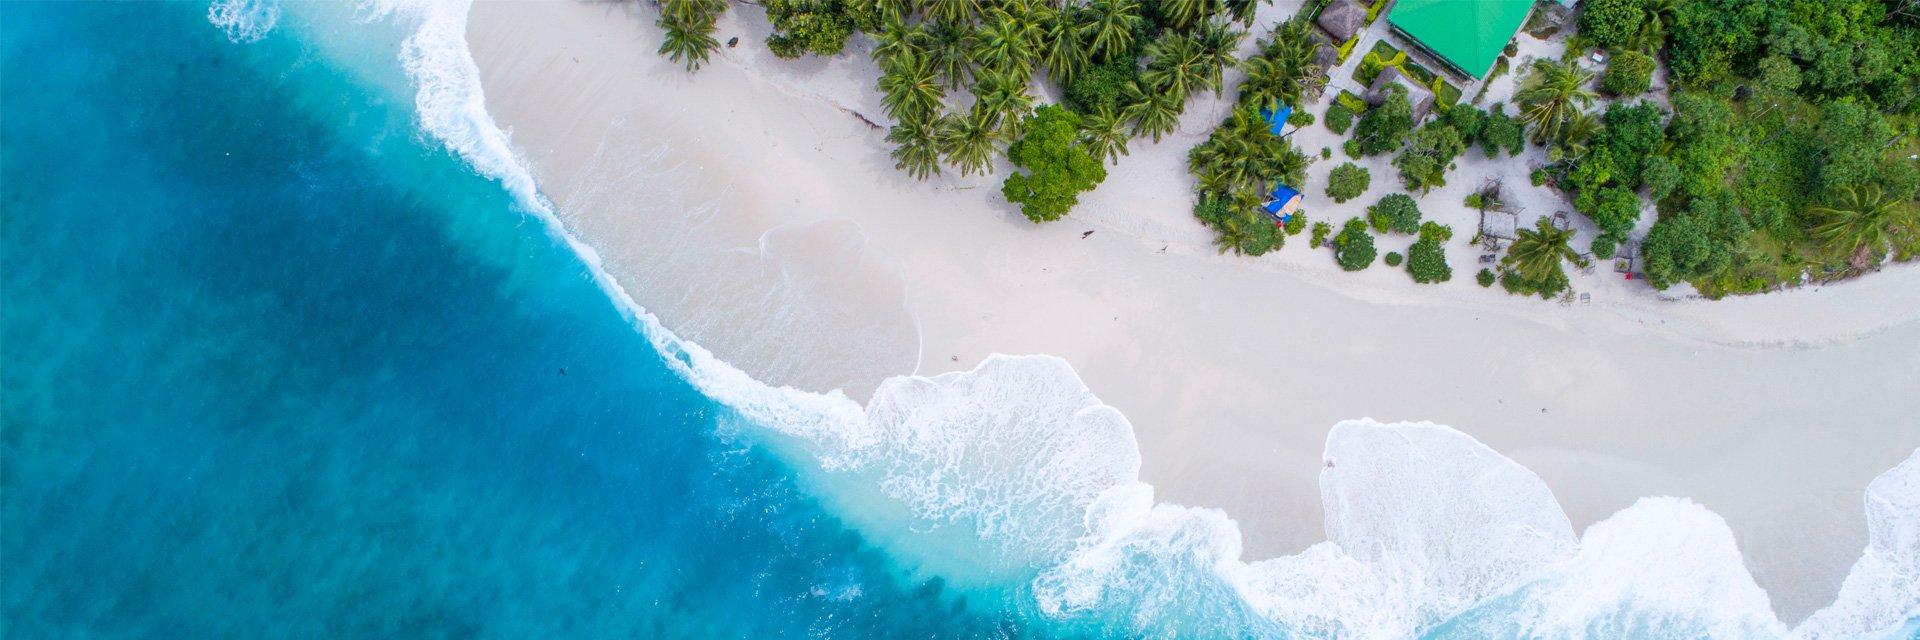 Туры на Мальдивы 2019, путевки из Москвы - цены на отдых на Мальдивах - ПАКС